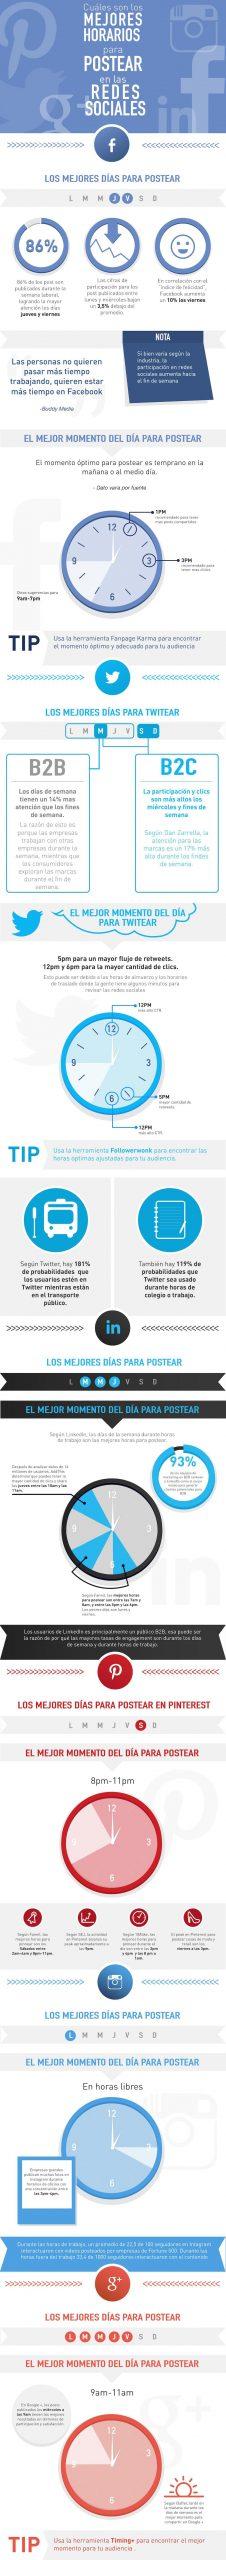 Mejores_horas_para_publicar_en_redes_sociales